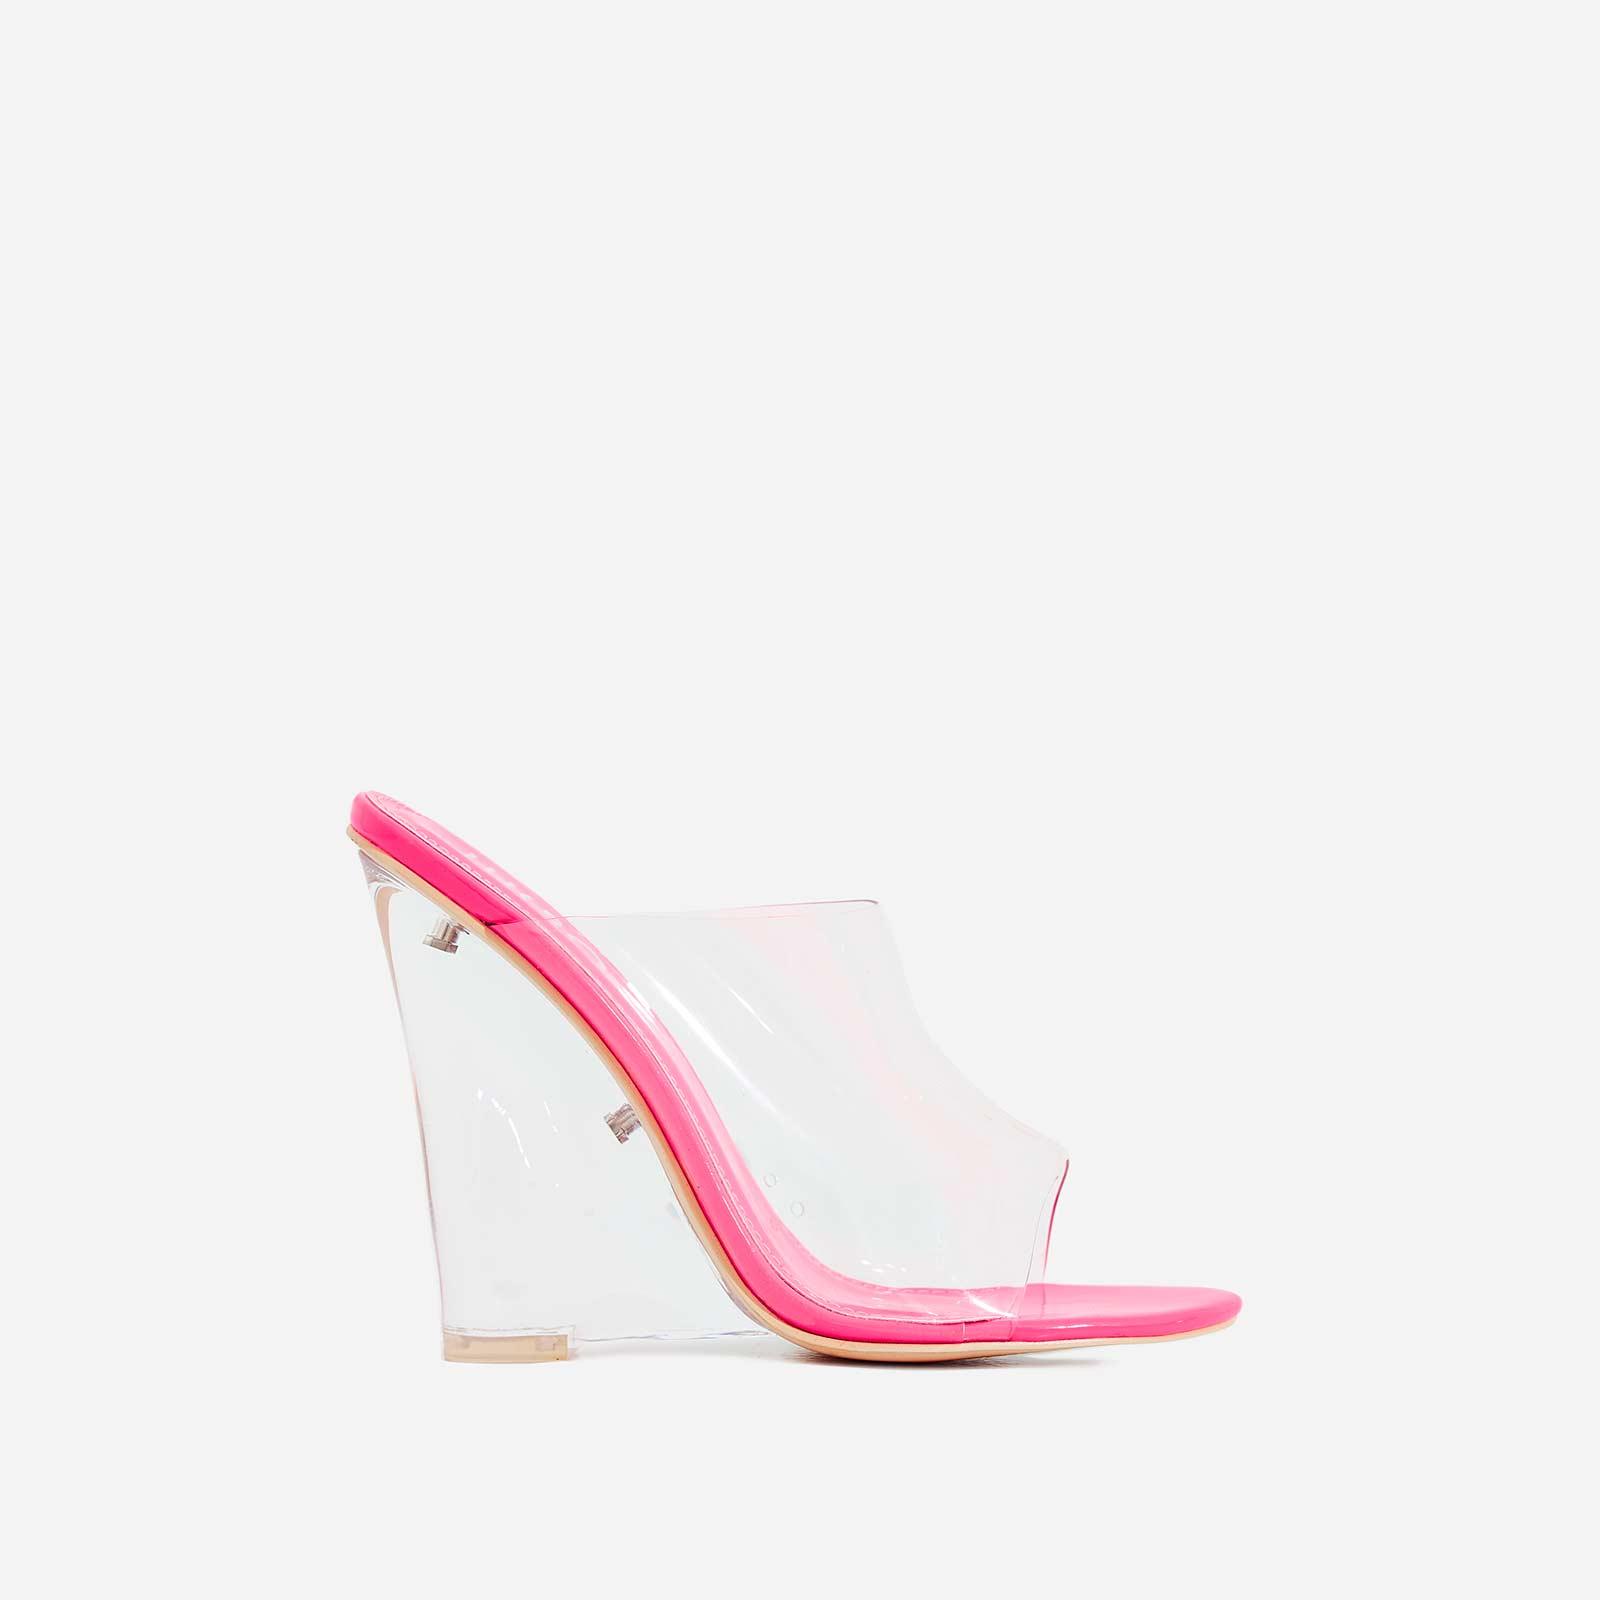 Lemonade Perspex Wedge Peep Toe Mule In Fuchsia Pink Patent